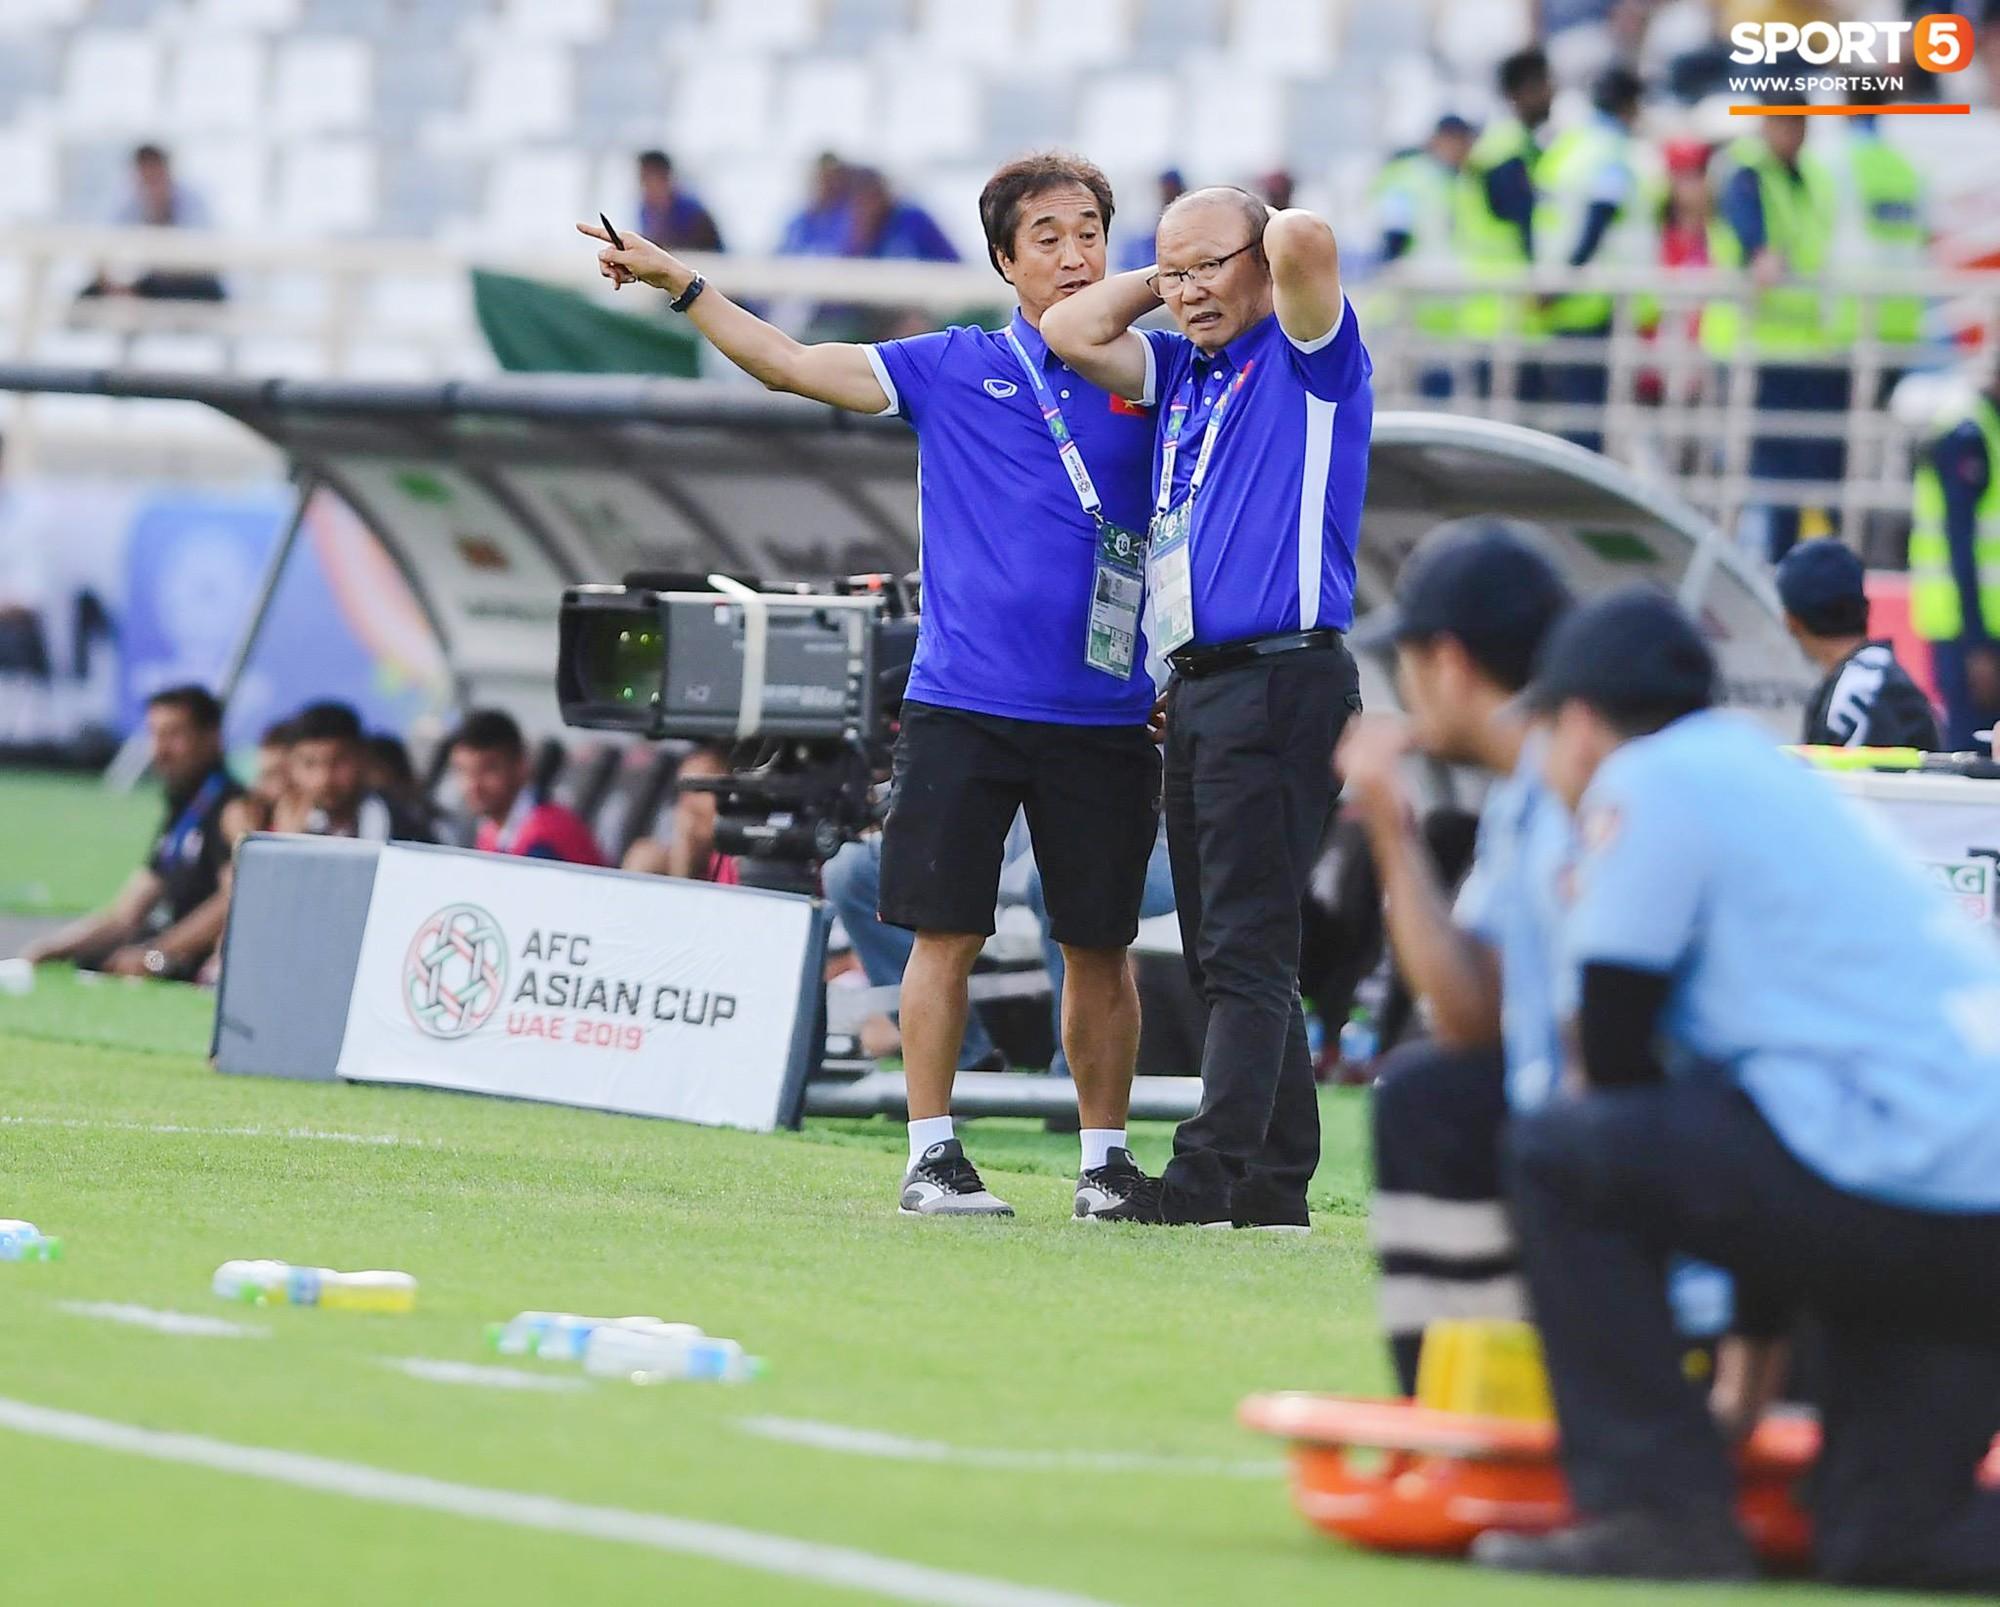 HLV Park Hang-seo nổi nóng với trọng tài, tranh cãi gay gắt với HLV Iran - Ảnh 7.